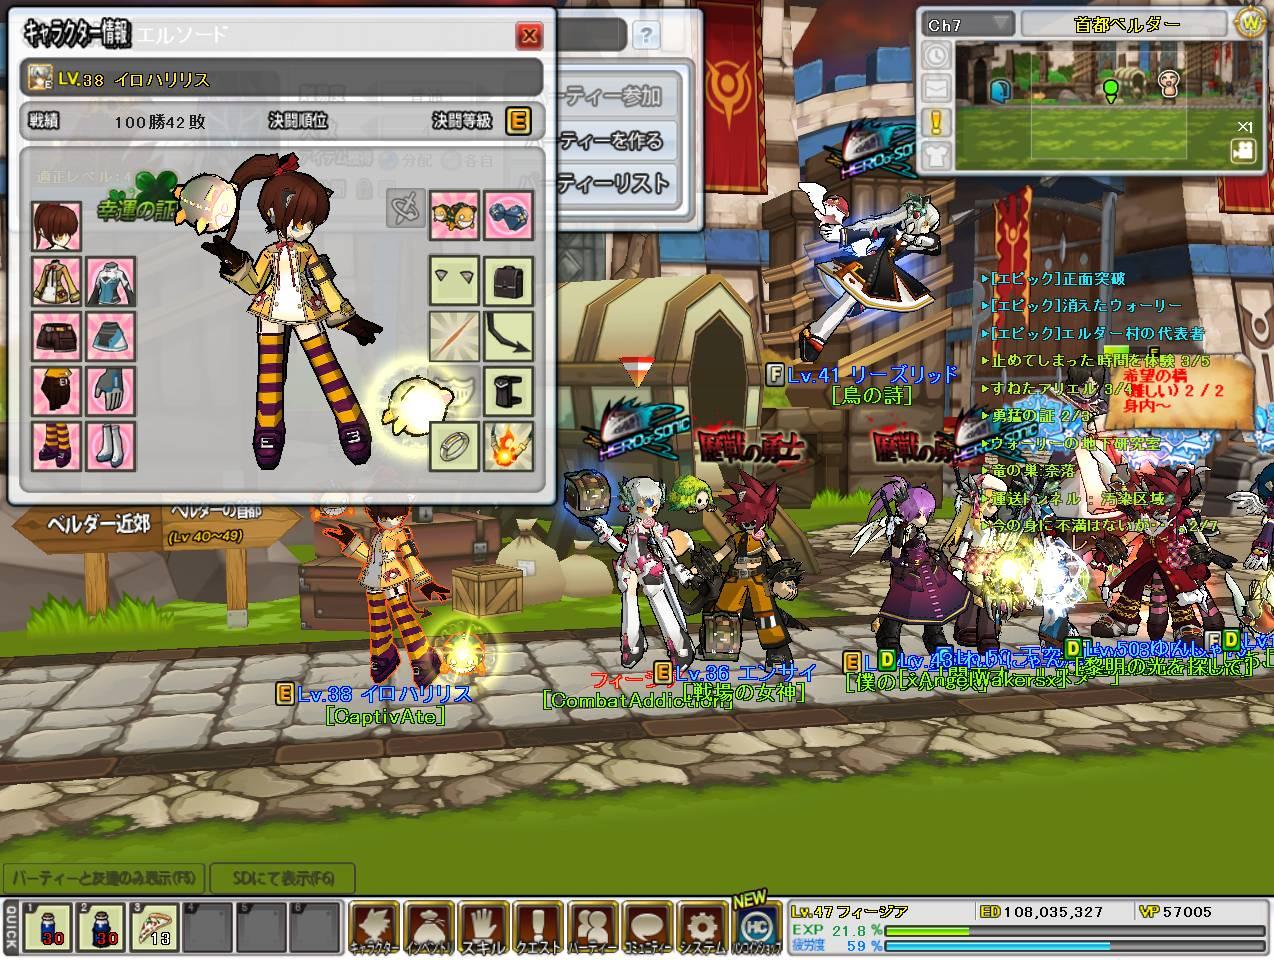 SC_2011_3_4_19_16_13_.jpg